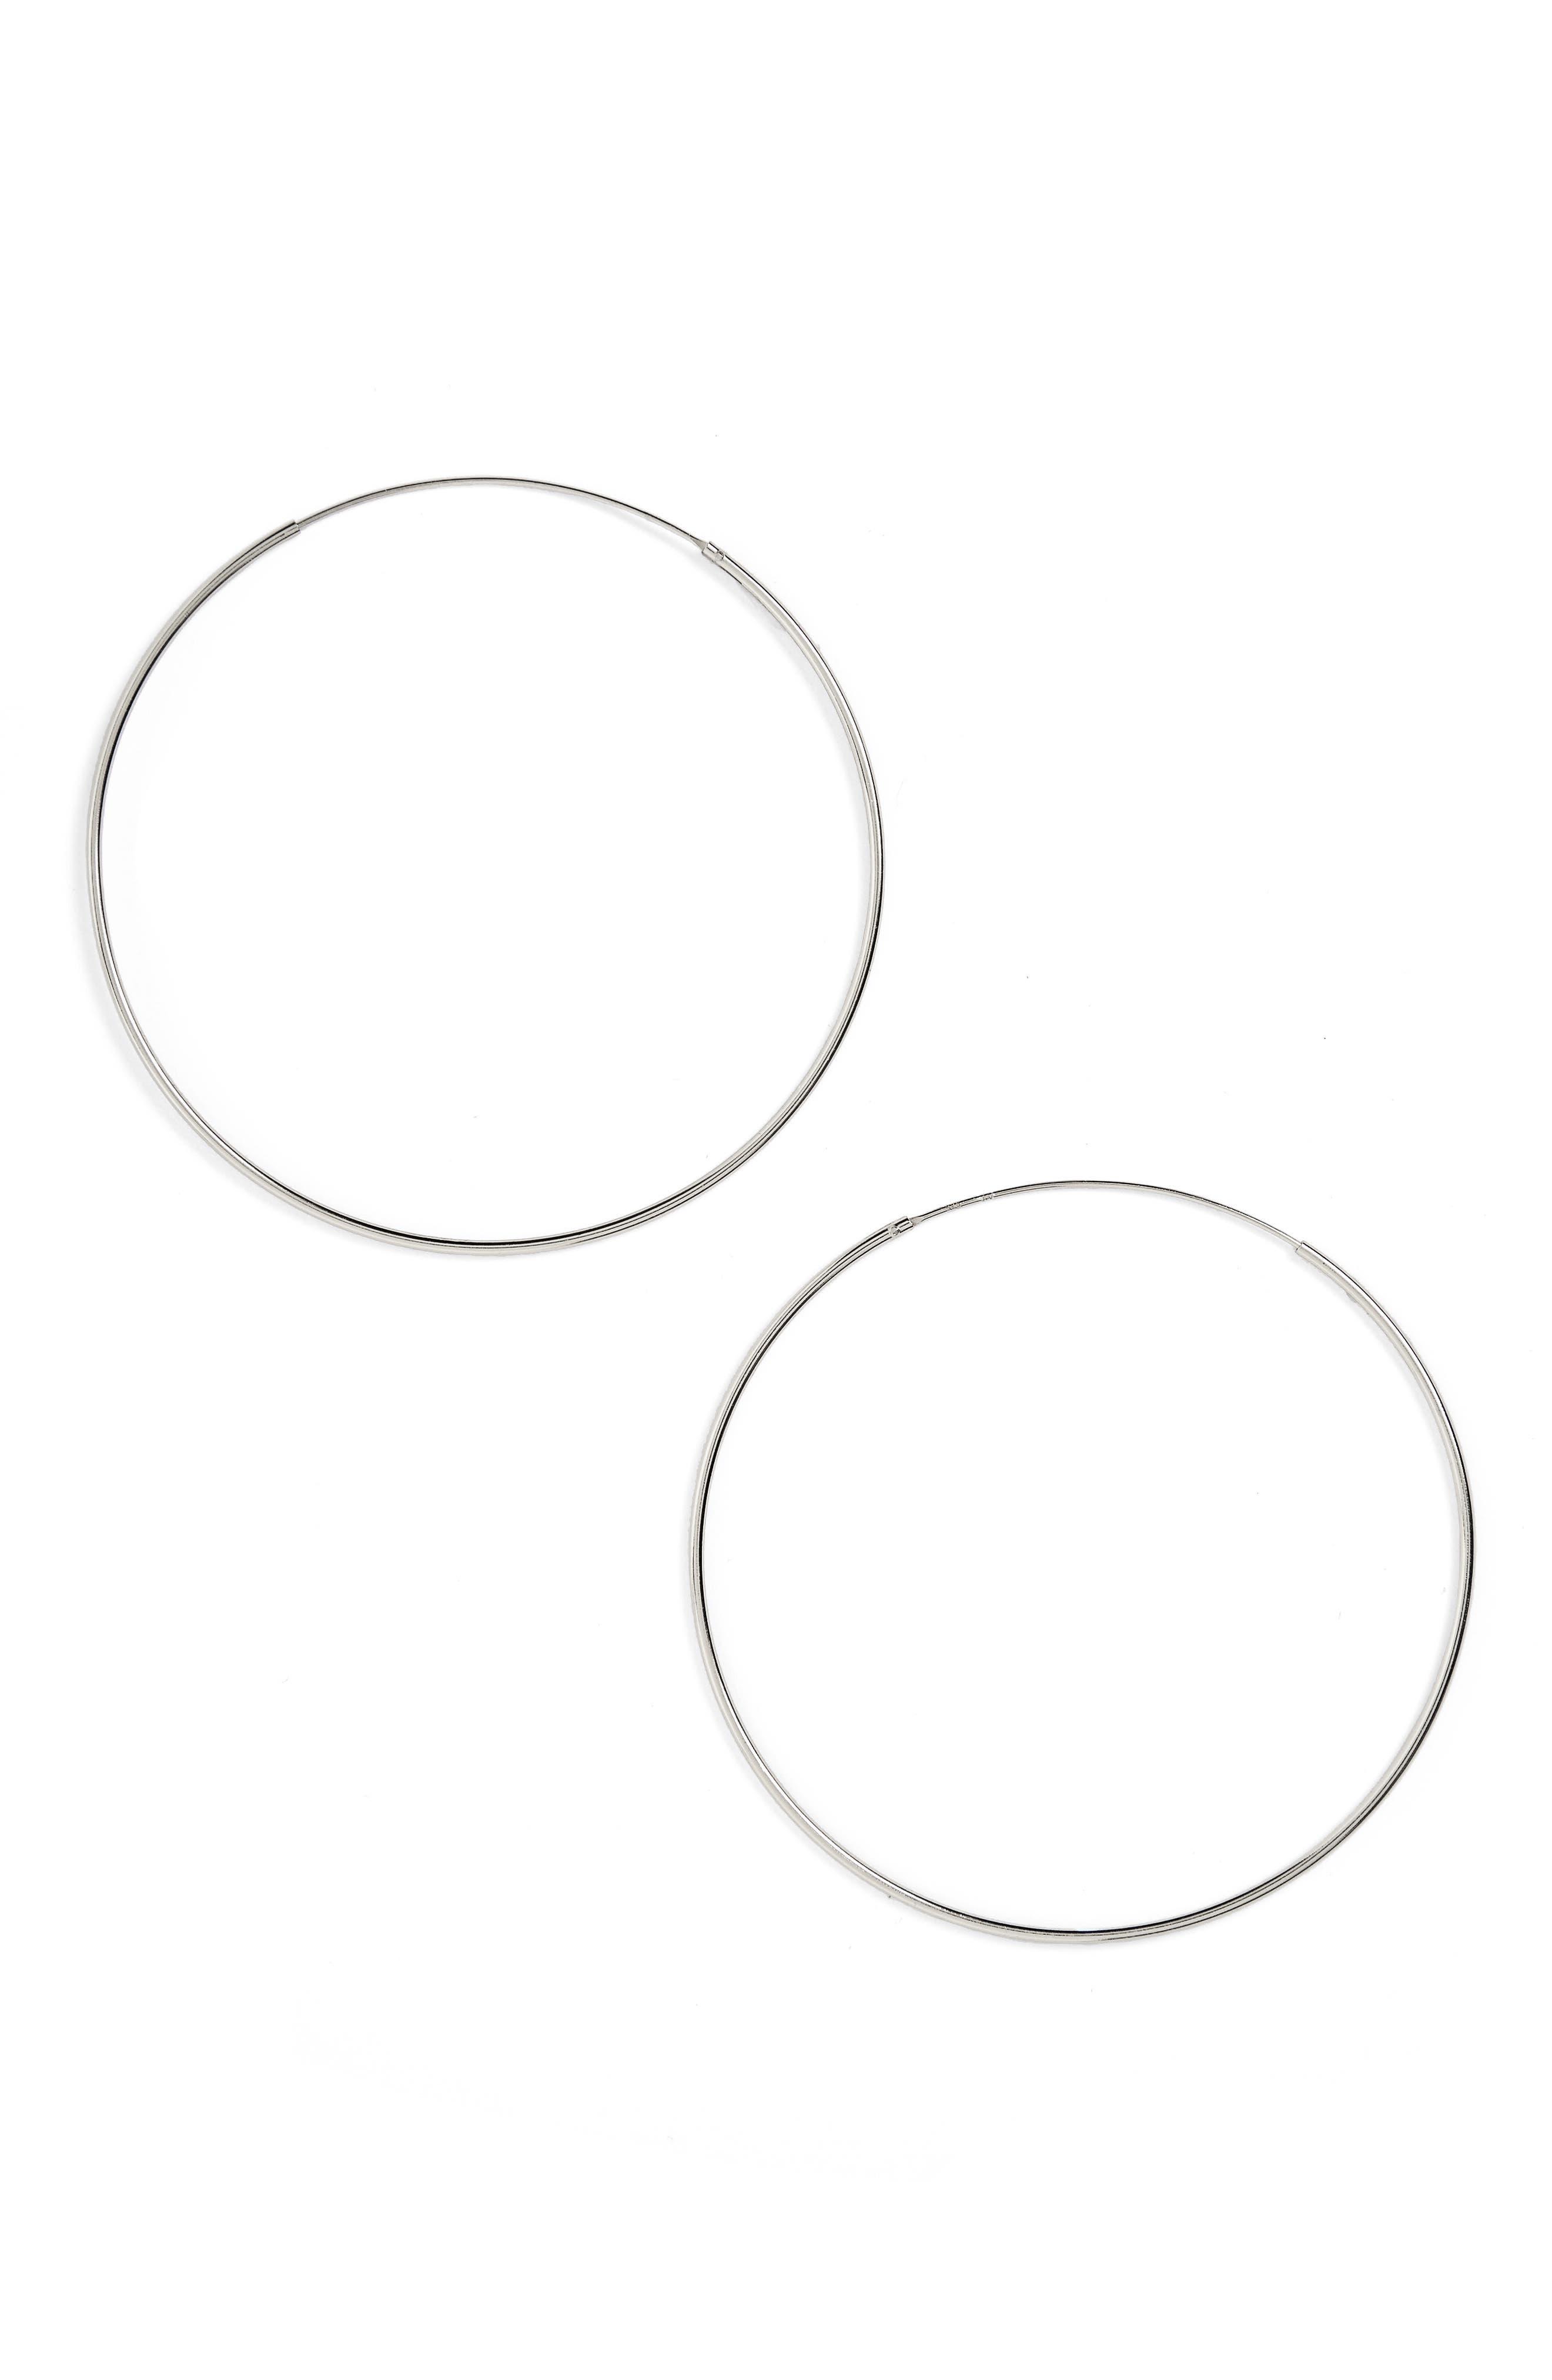 ARGENTO VIVO, Endless Hoop Earrings, Main thumbnail 1, color, 040